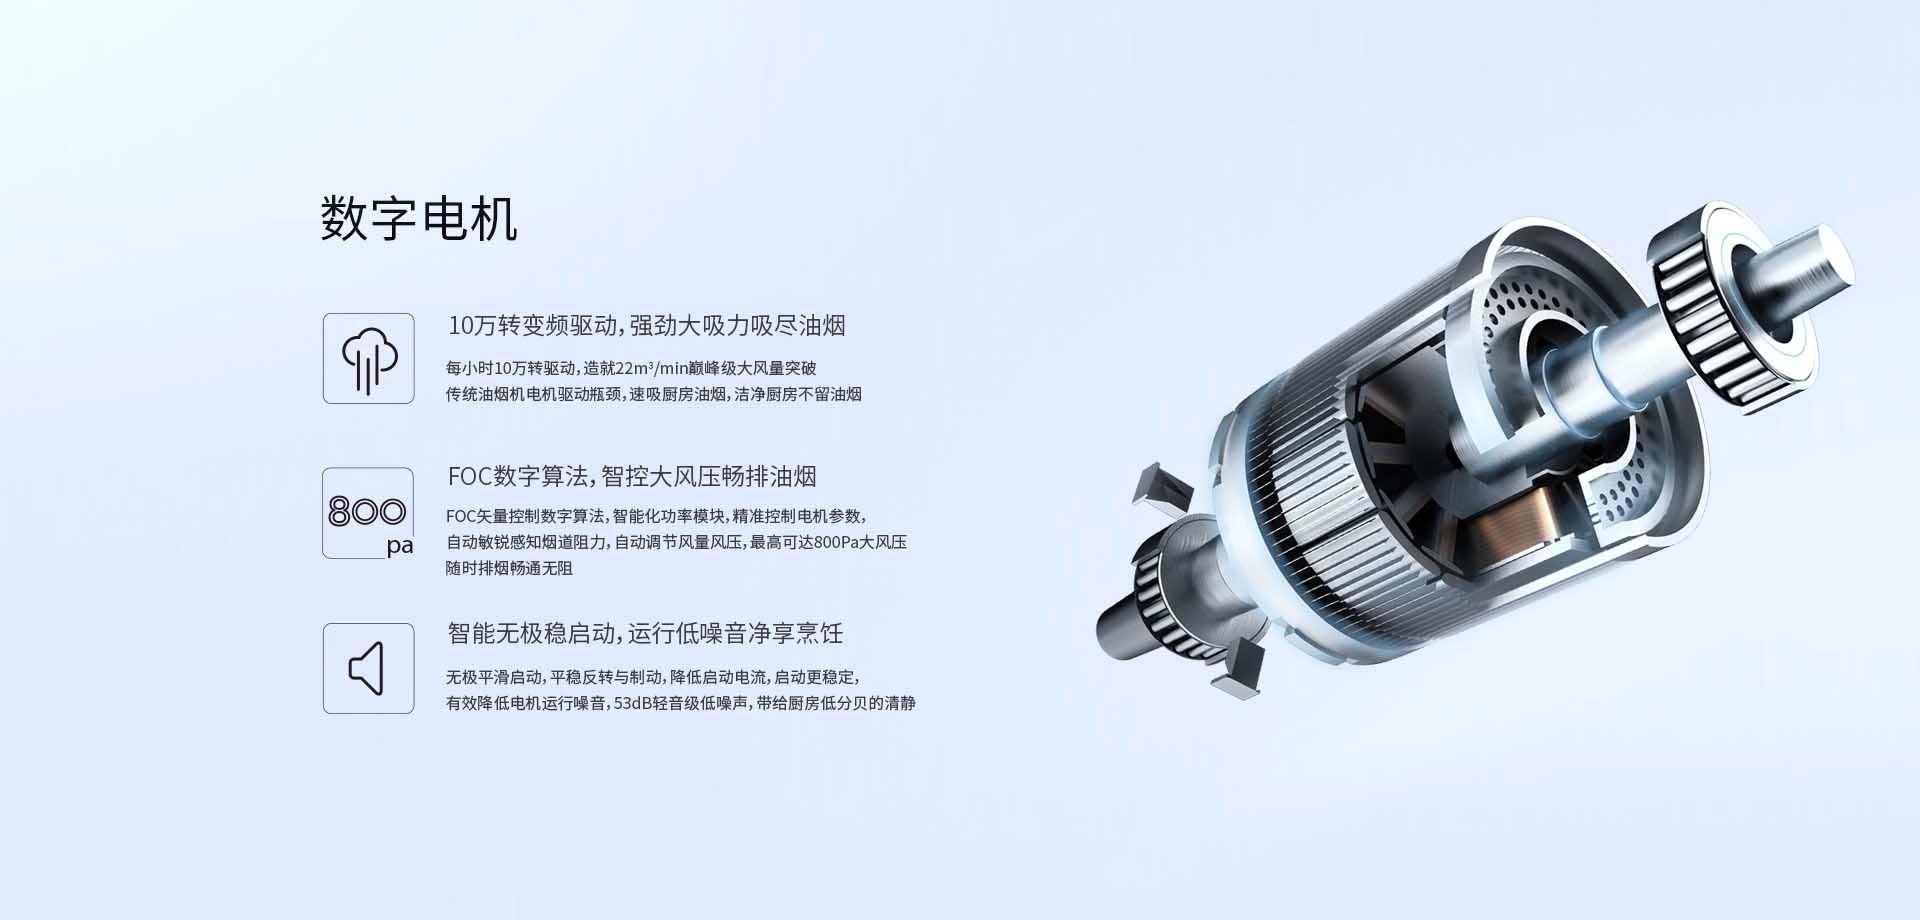 油烟机CXW 200 8229S促销 油烟机CXW 200 8229S折扣 优惠 价格 活动 齐家旺铺